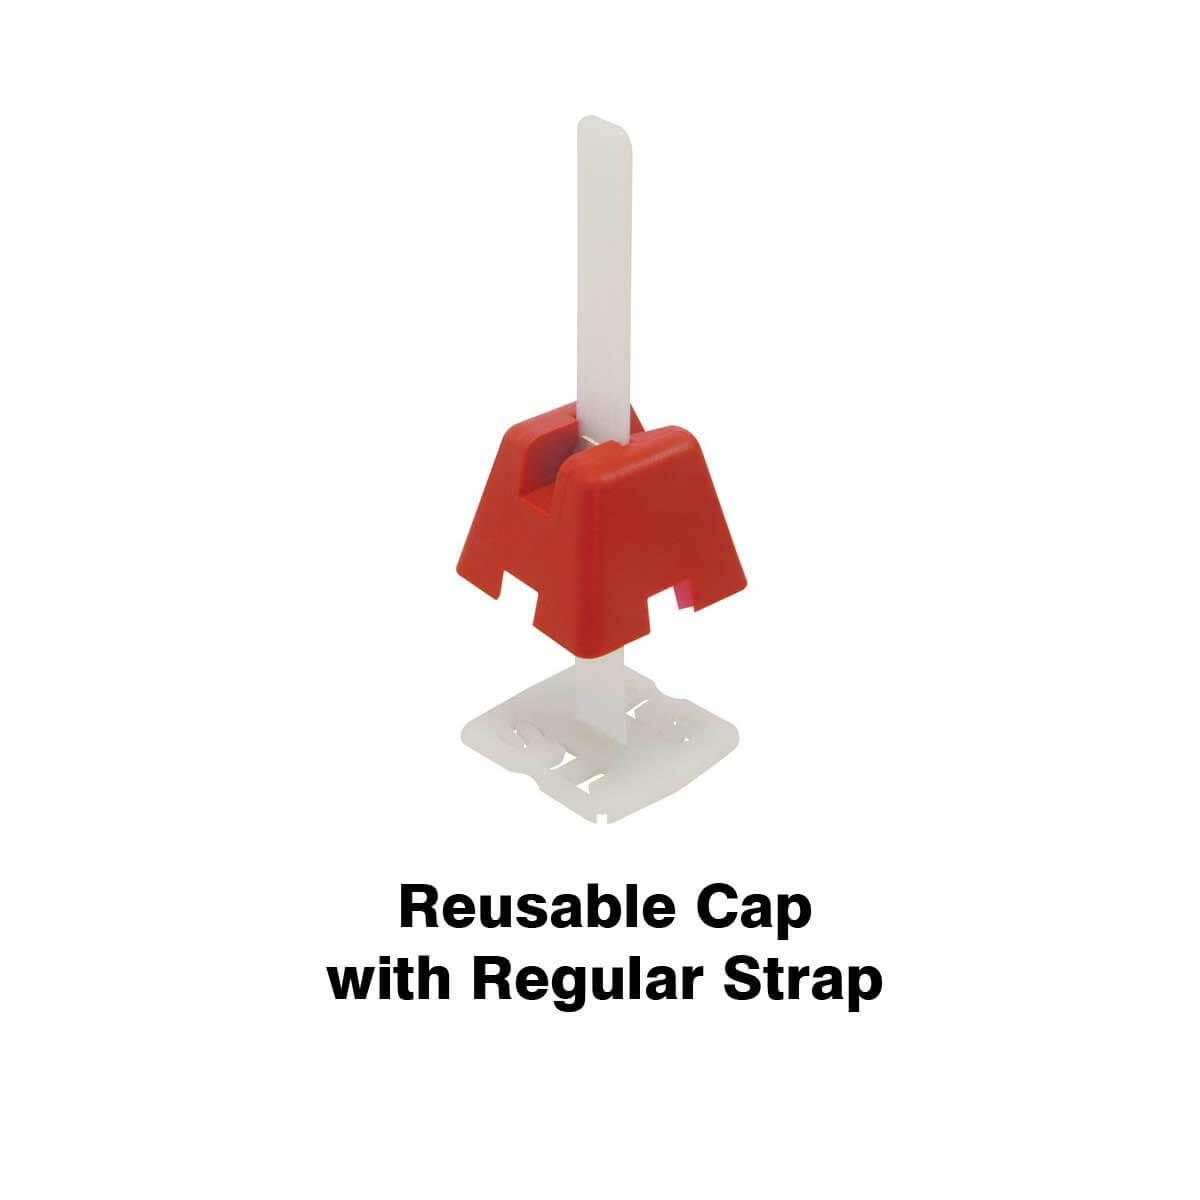 reusable tuscan cap with regular strap